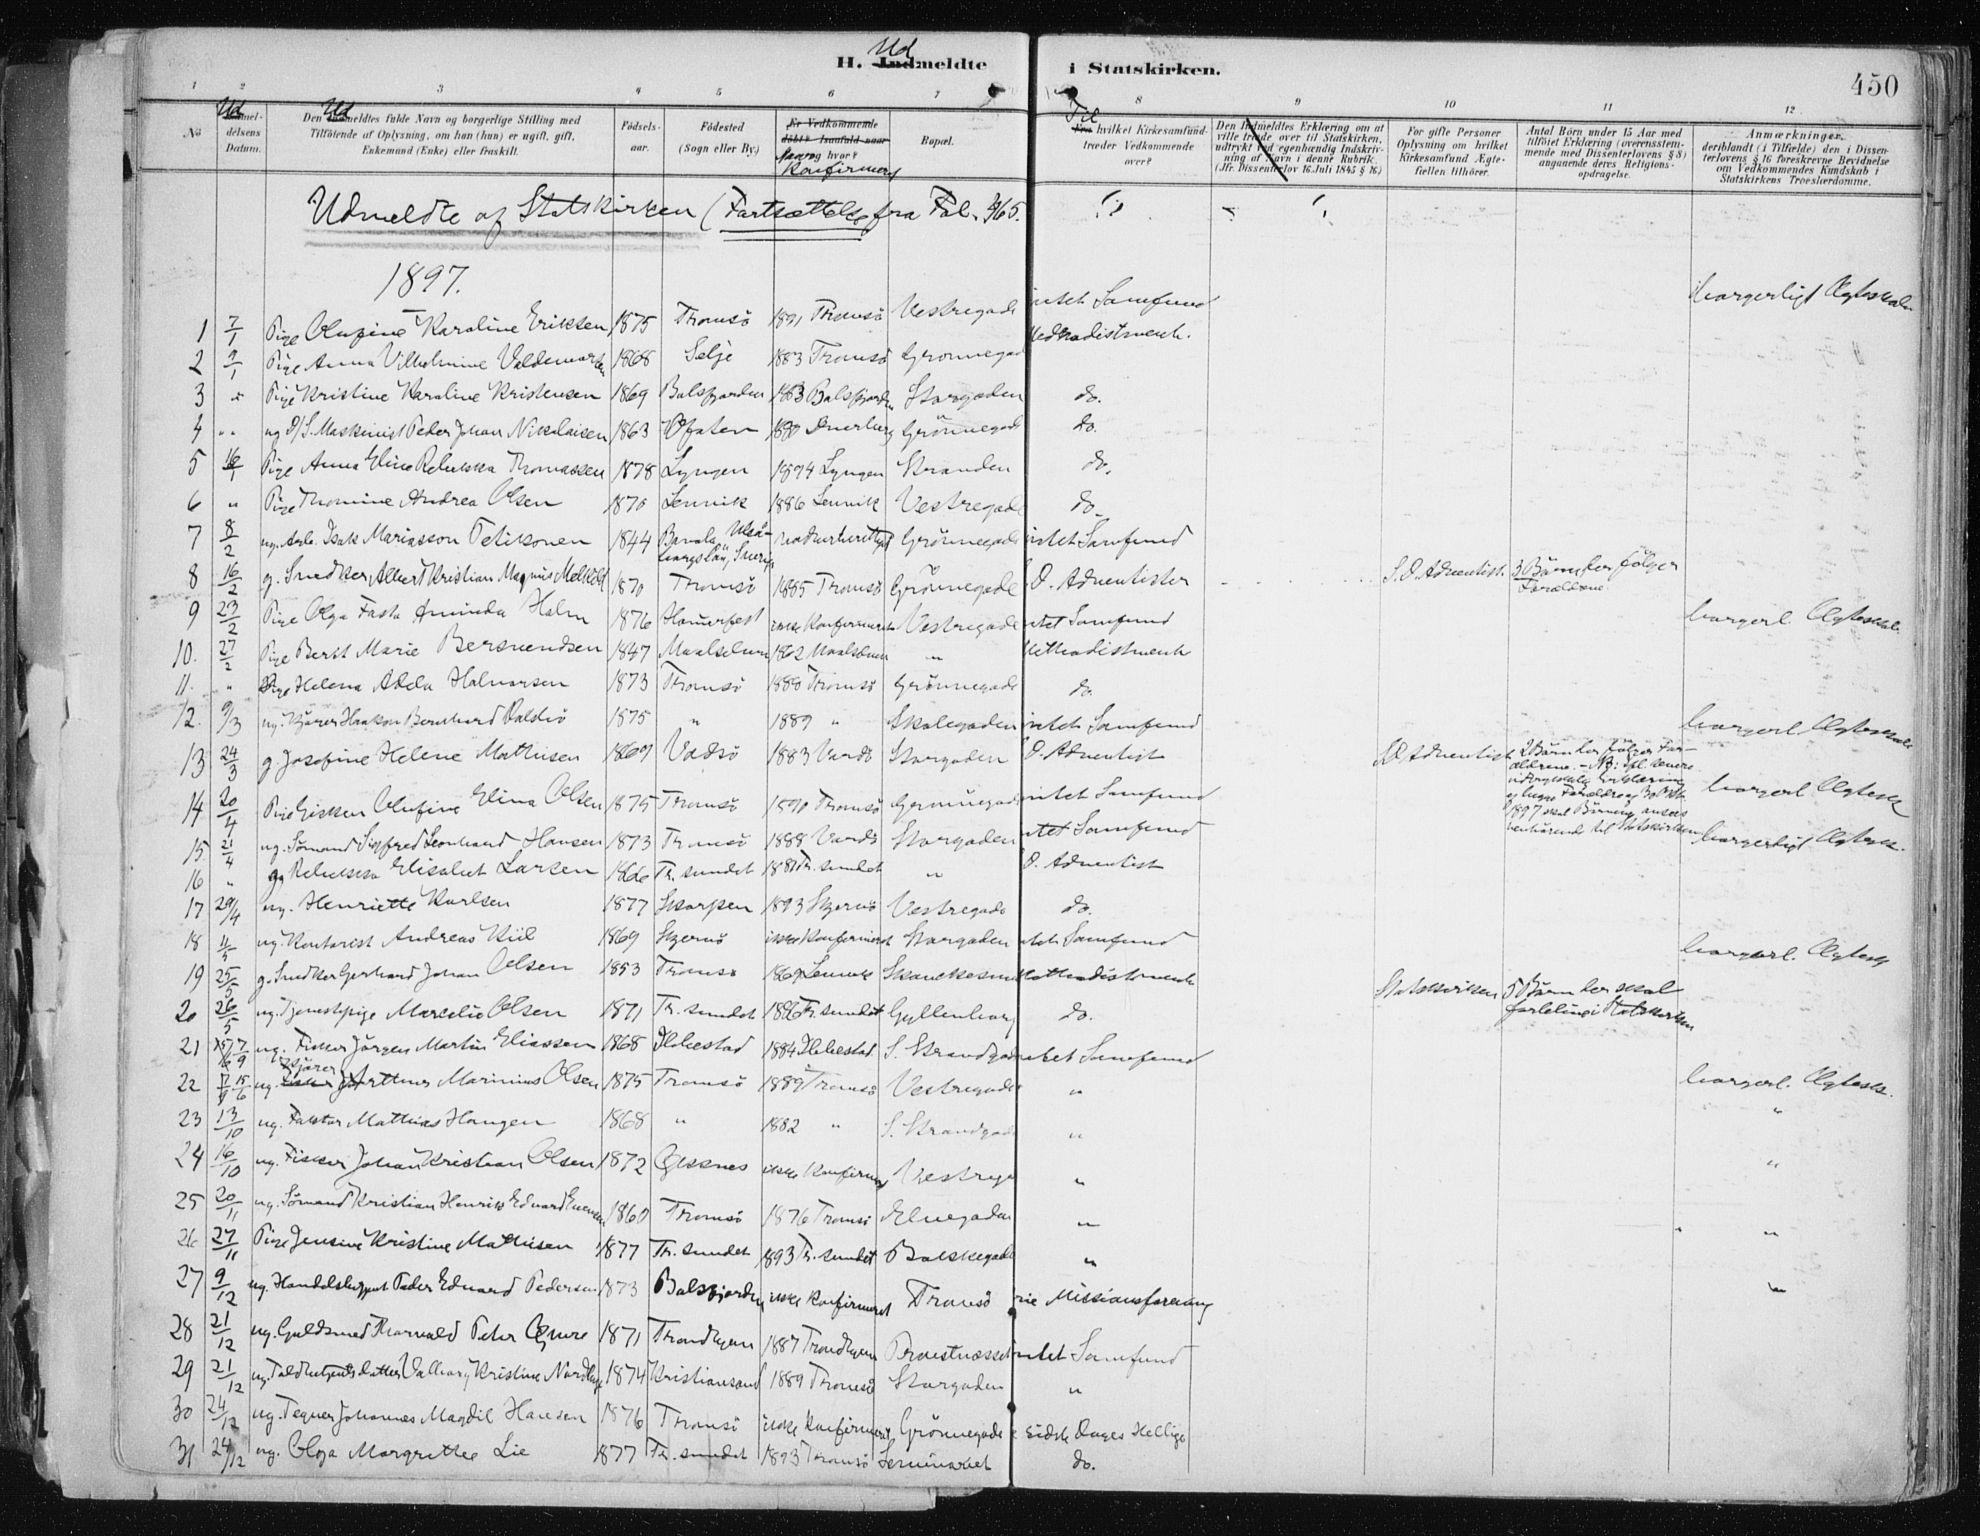 SATØ, Tromsø sokneprestkontor/stiftsprosti/domprosti, G/Ga/L0015kirke: Ministerialbok nr. 15, 1889-1899, s. 450